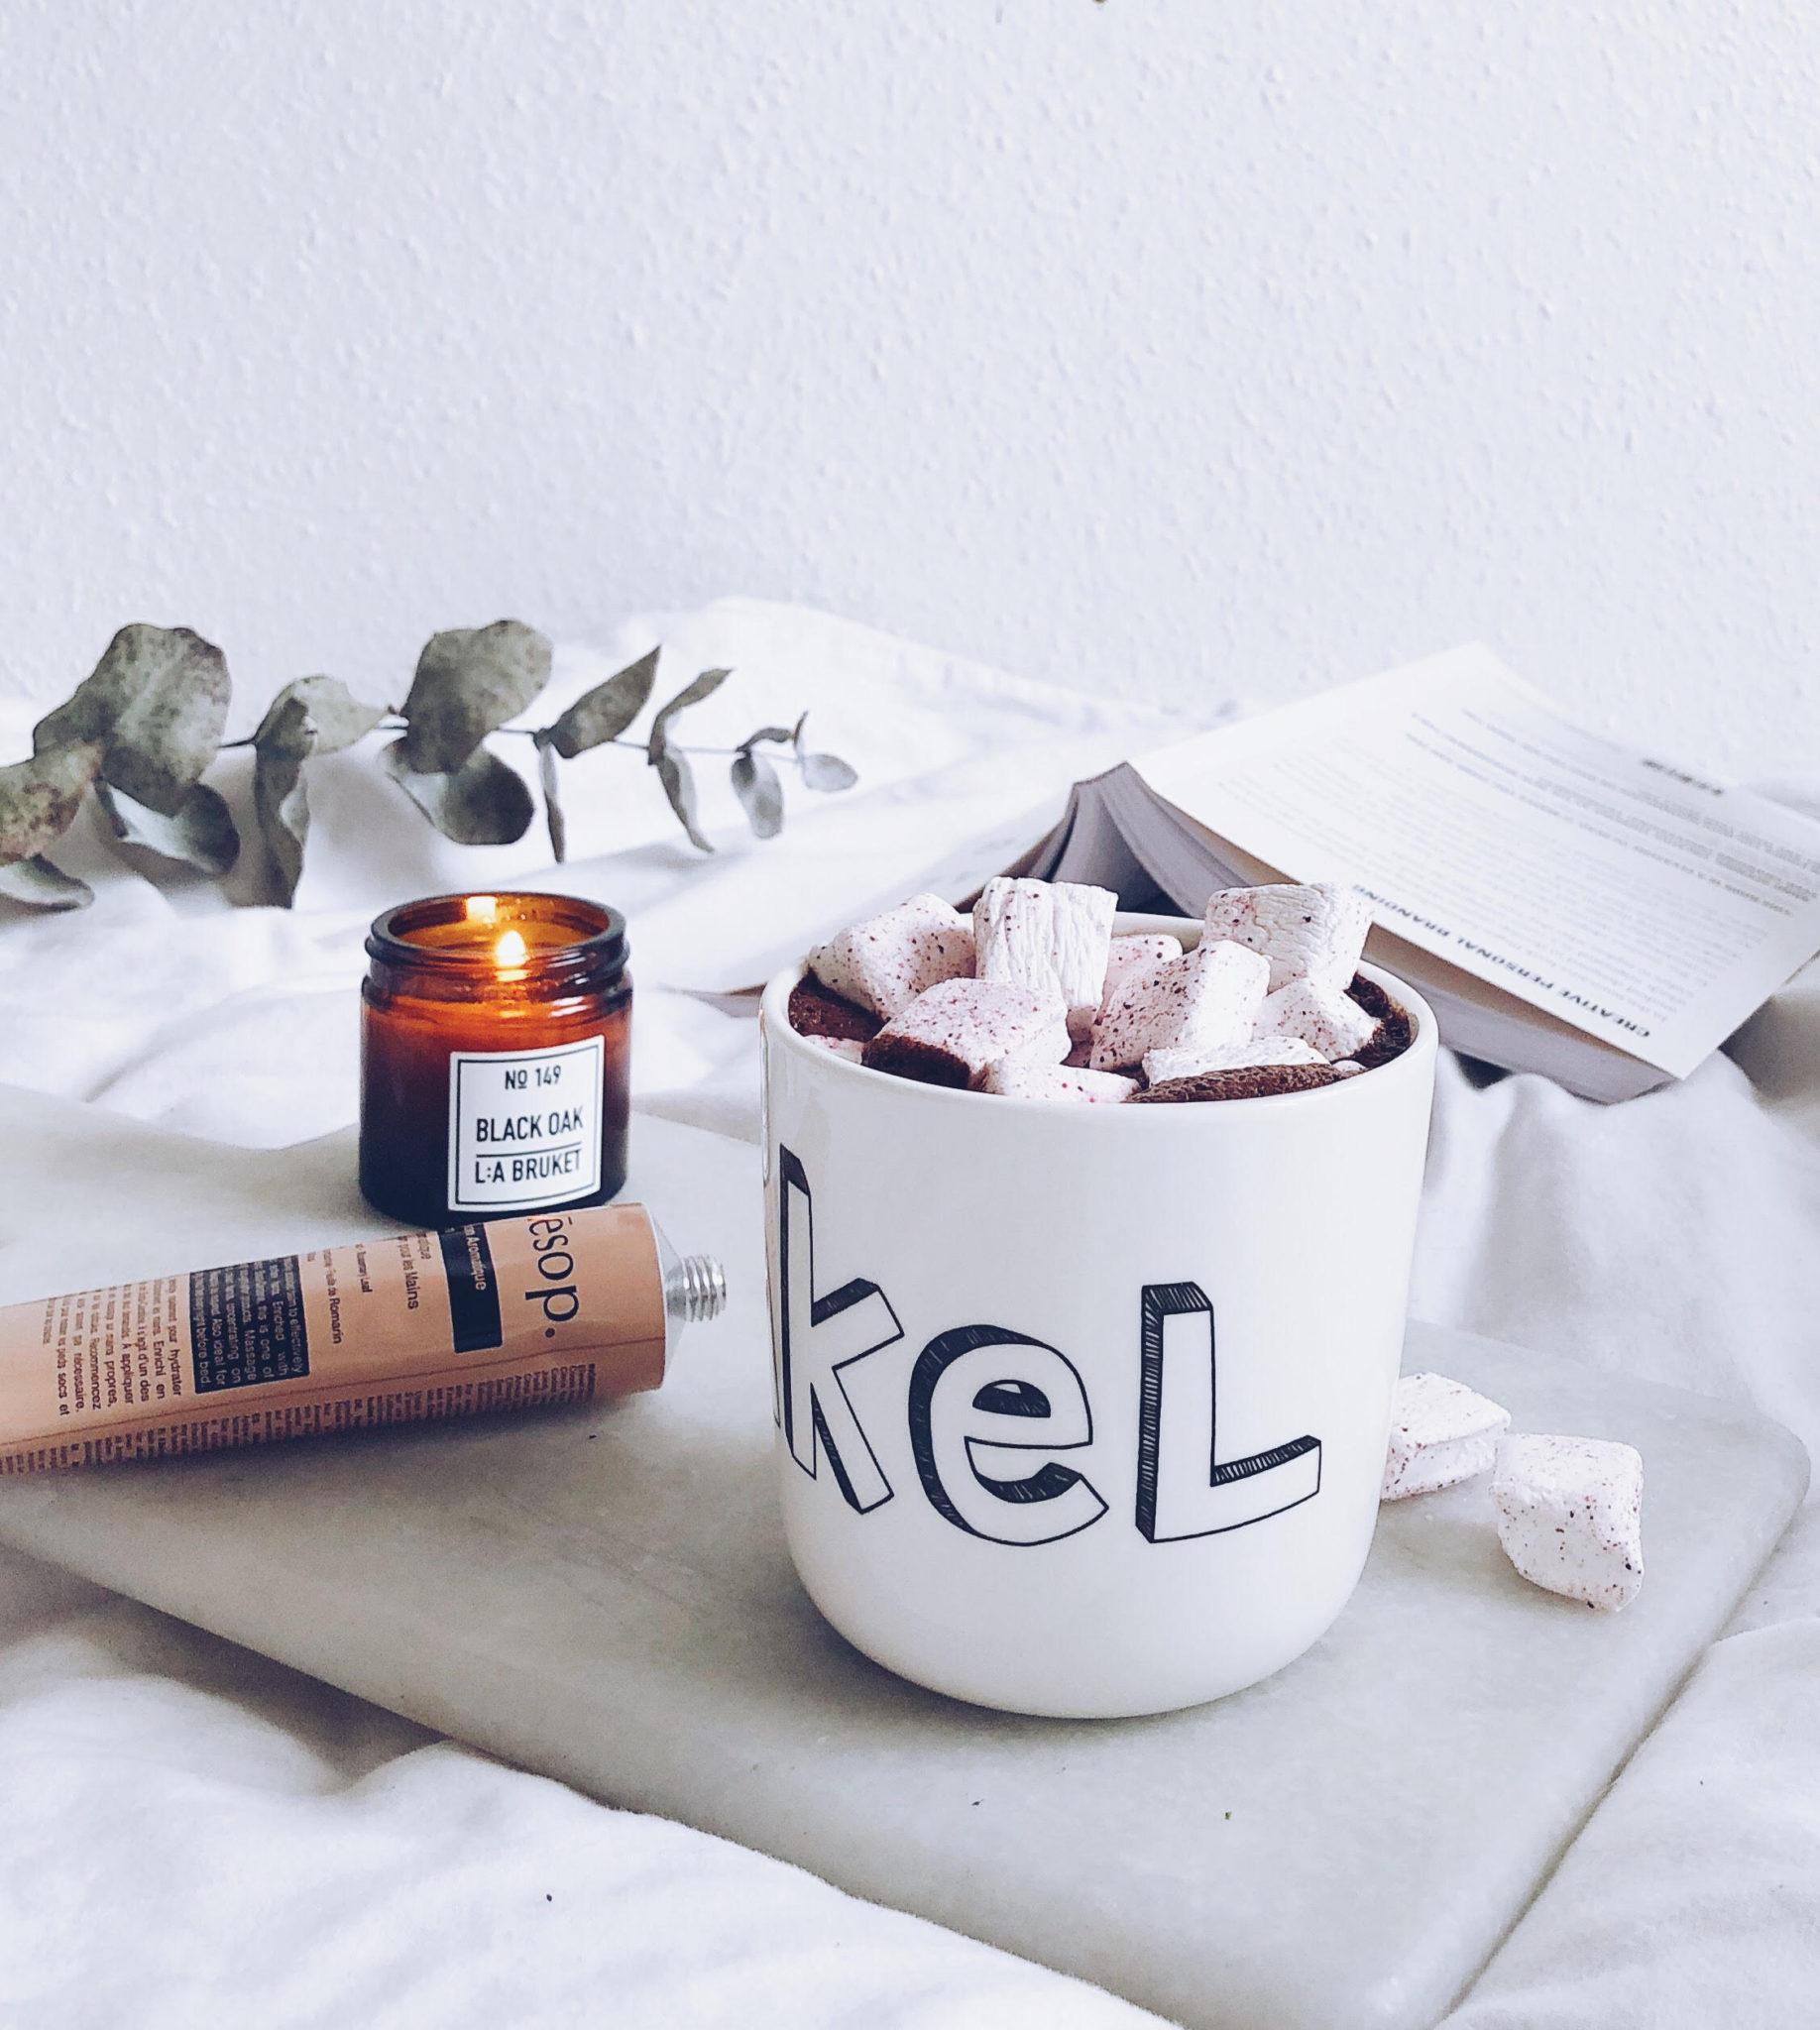 varm kakao med ingefær og hygge i kop fra Liebe og duftlys fra La Bruket